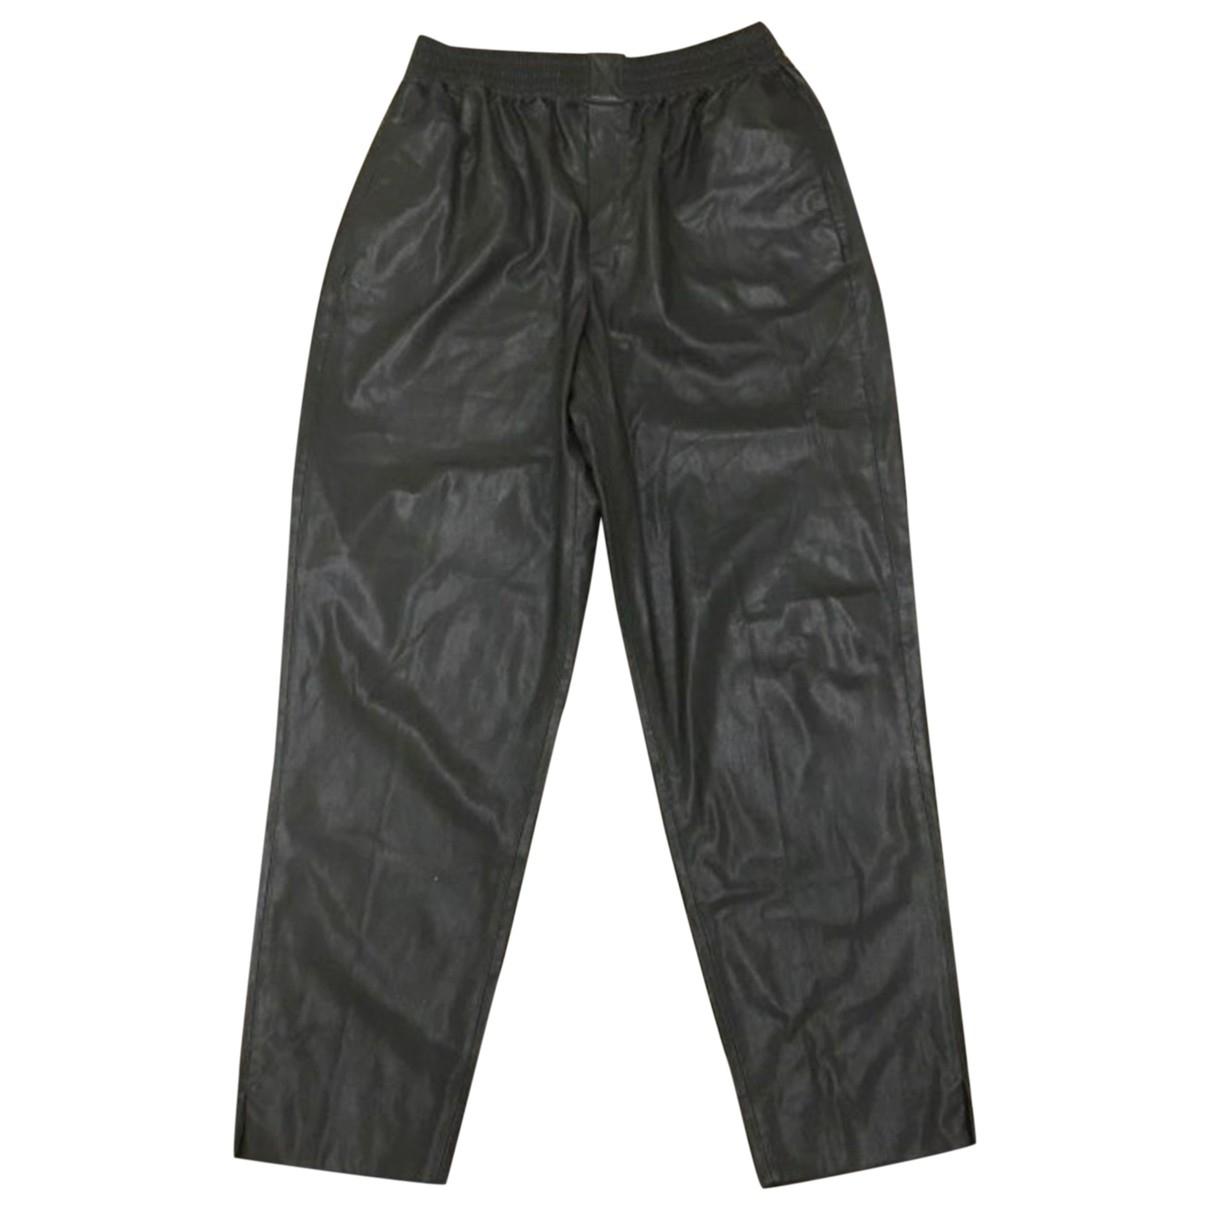 Zara \N Green Trousers for Women S International